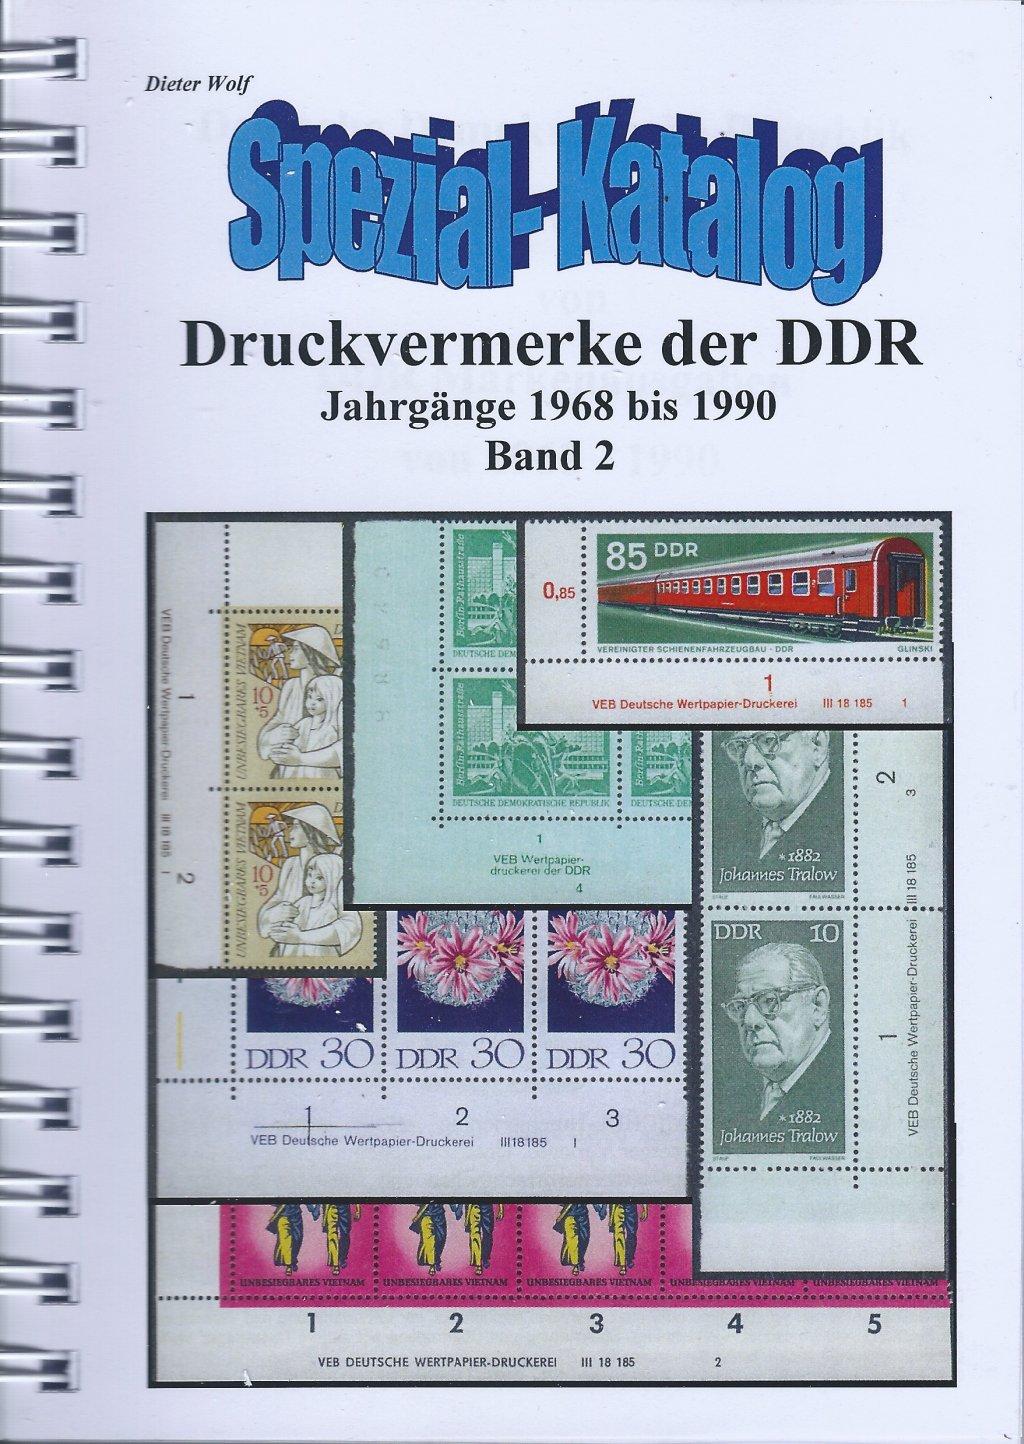 DDR Philatelie Literatur Druckvermerke Katalog